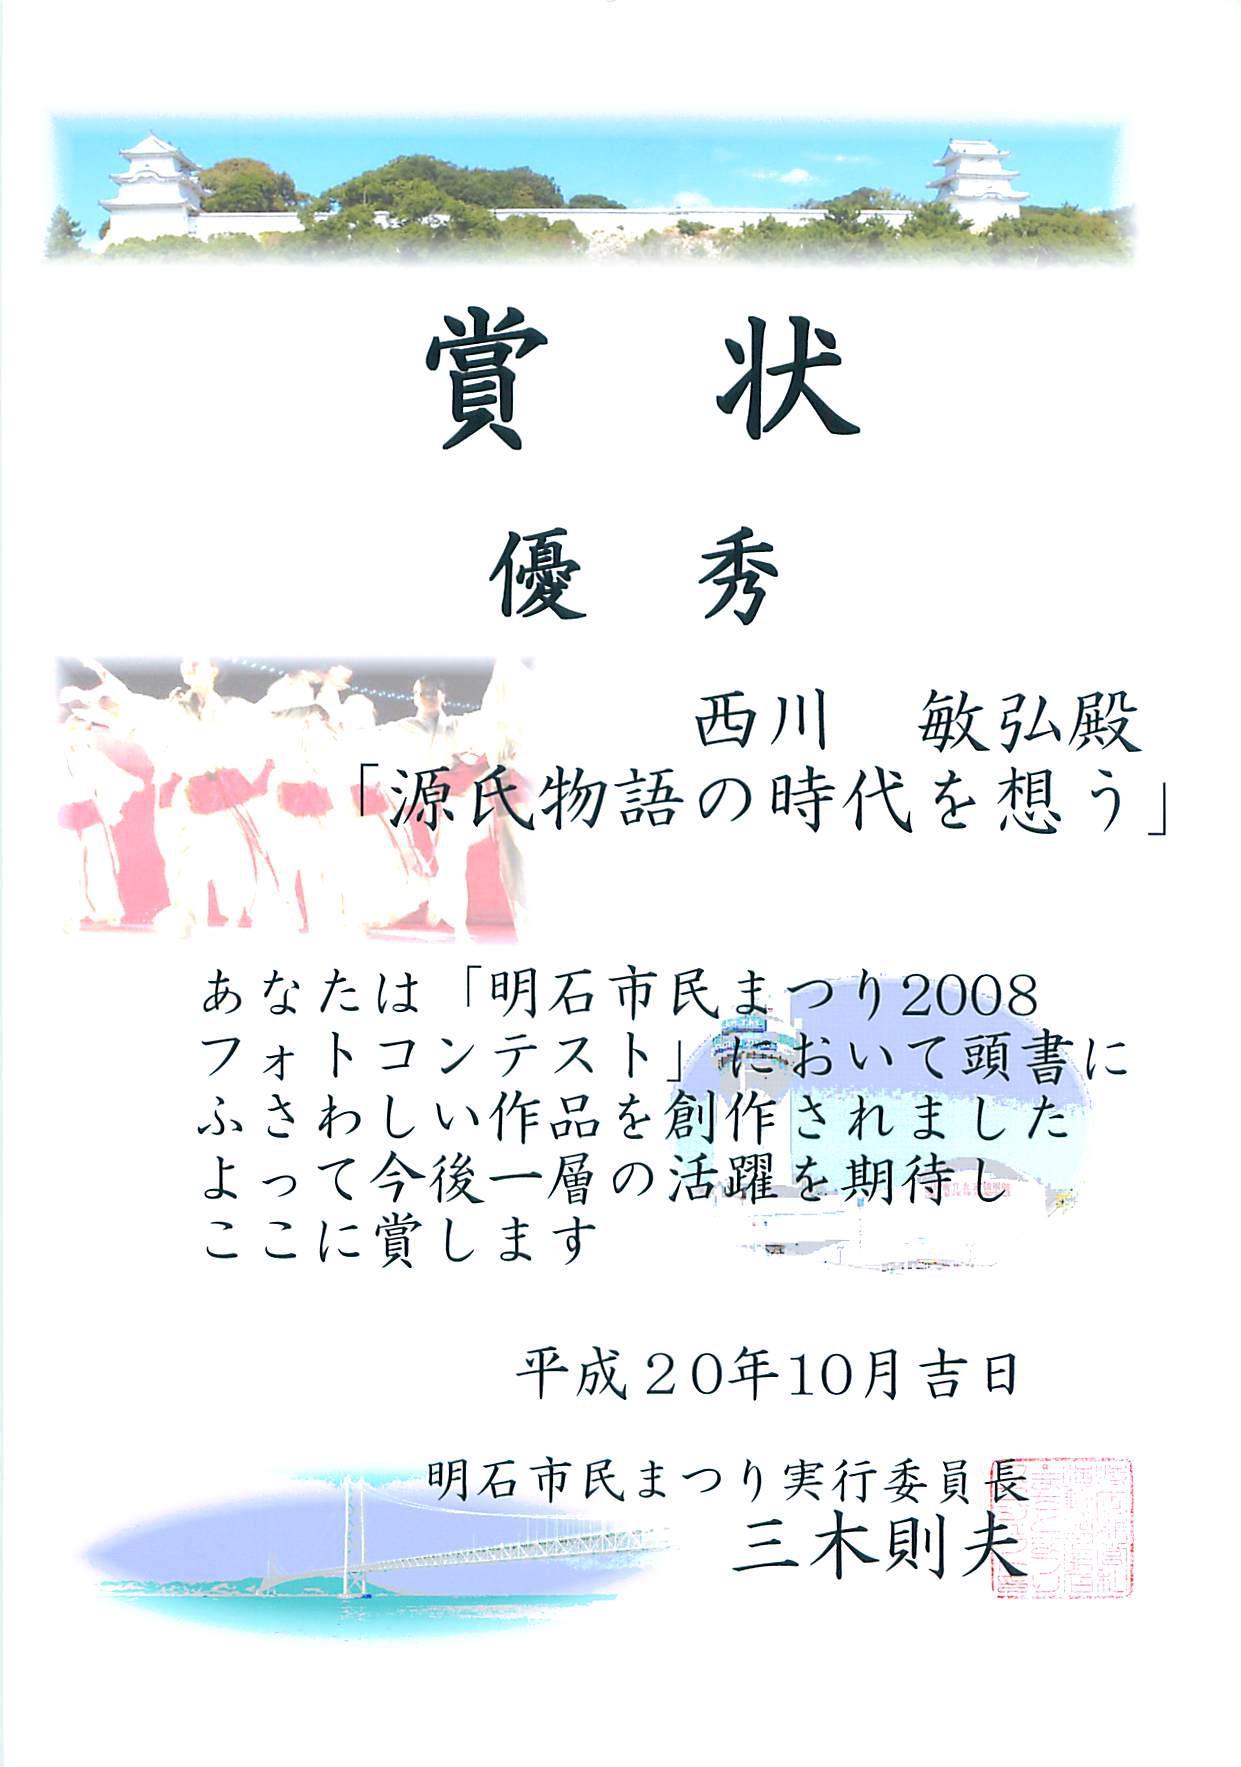 明石市民まつり2008フォトコンテスト 優秀賞_a0288226_22445078.jpg